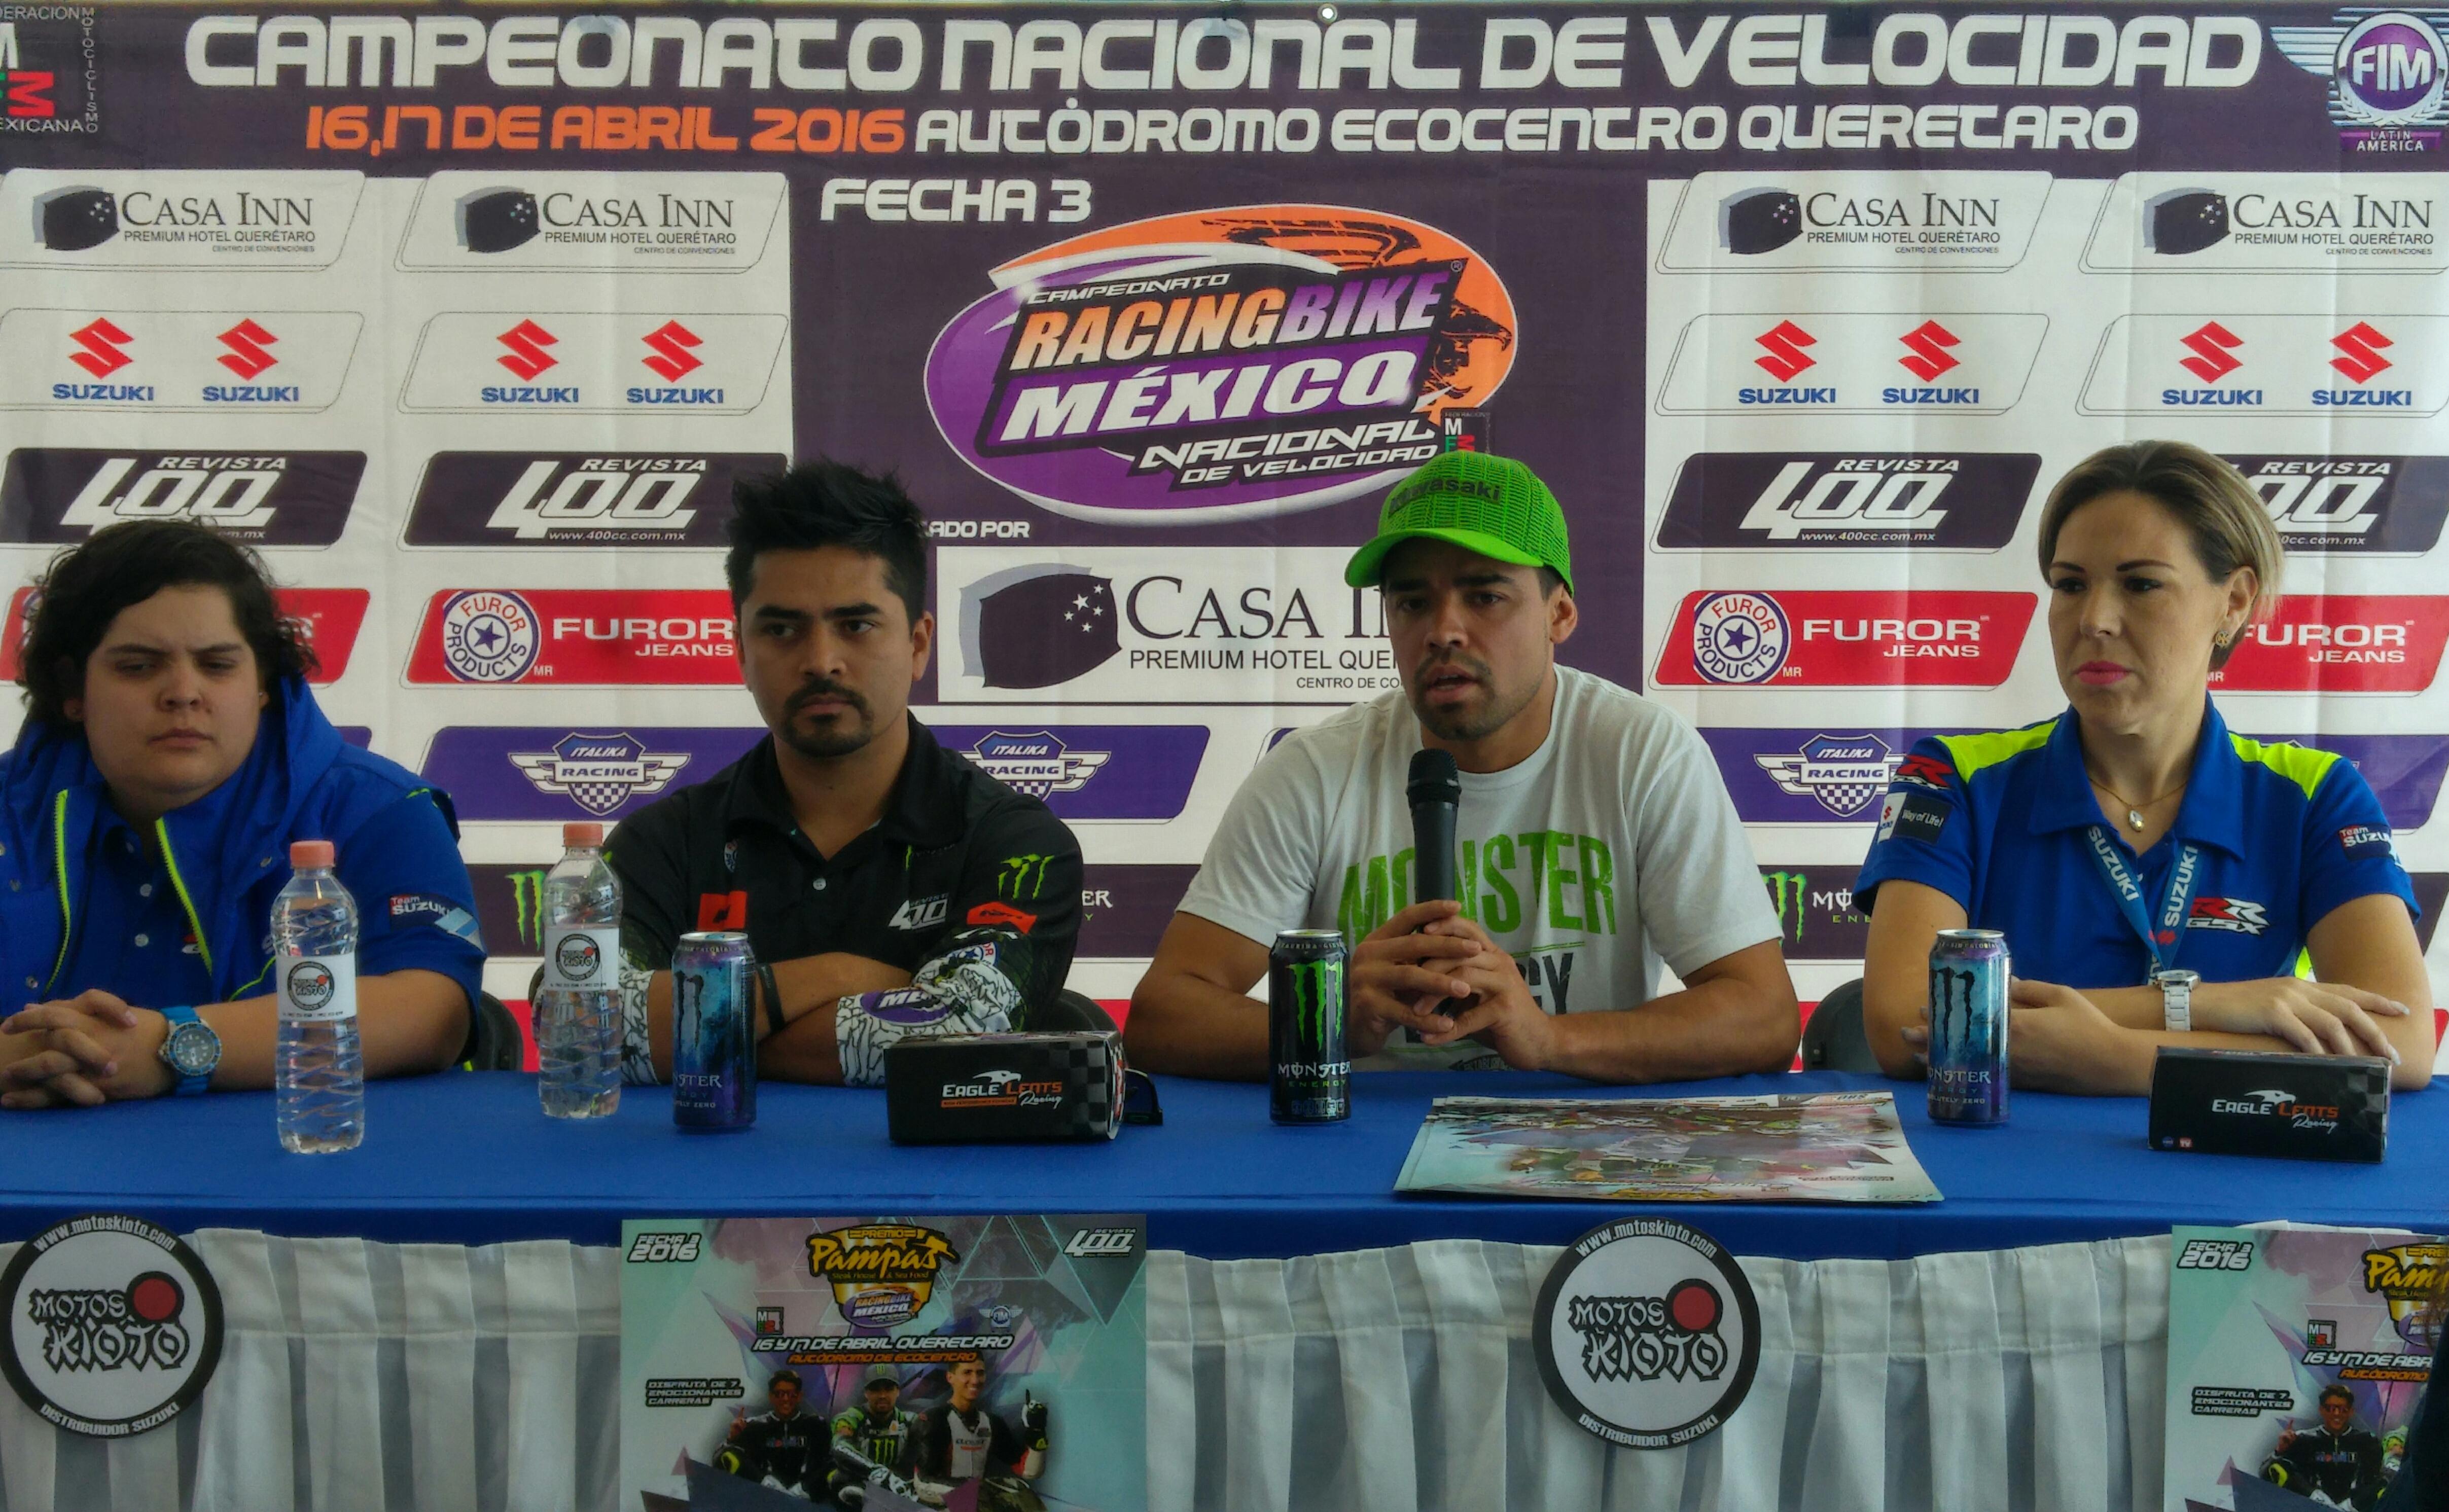 Este domingo tercera fecha de Racing Bike Campeonato de velocidad en Querétaro